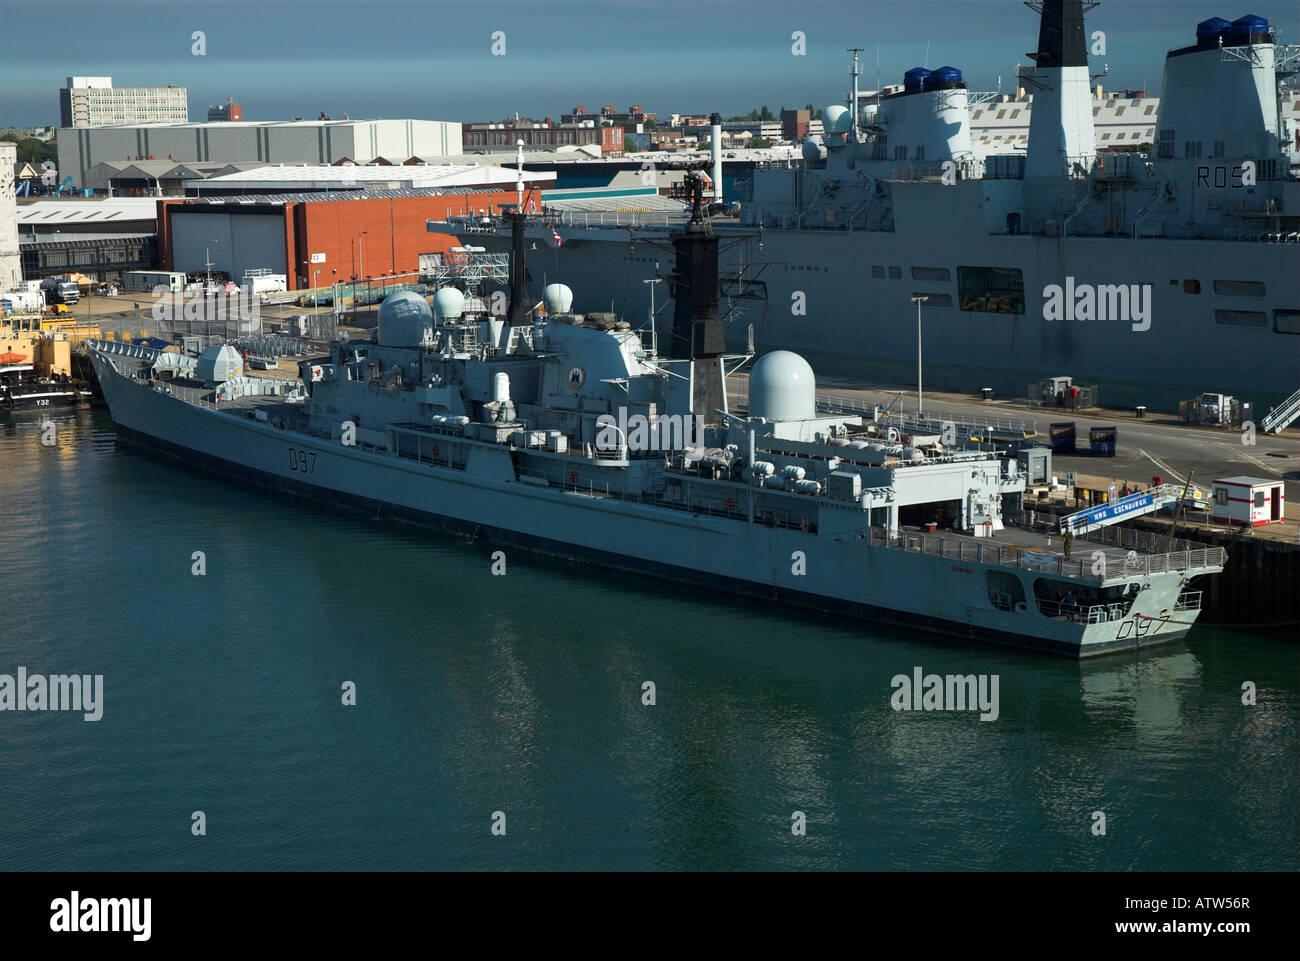 HMS Edinburgh in HM Dockyard Portsmouth - Stock Image